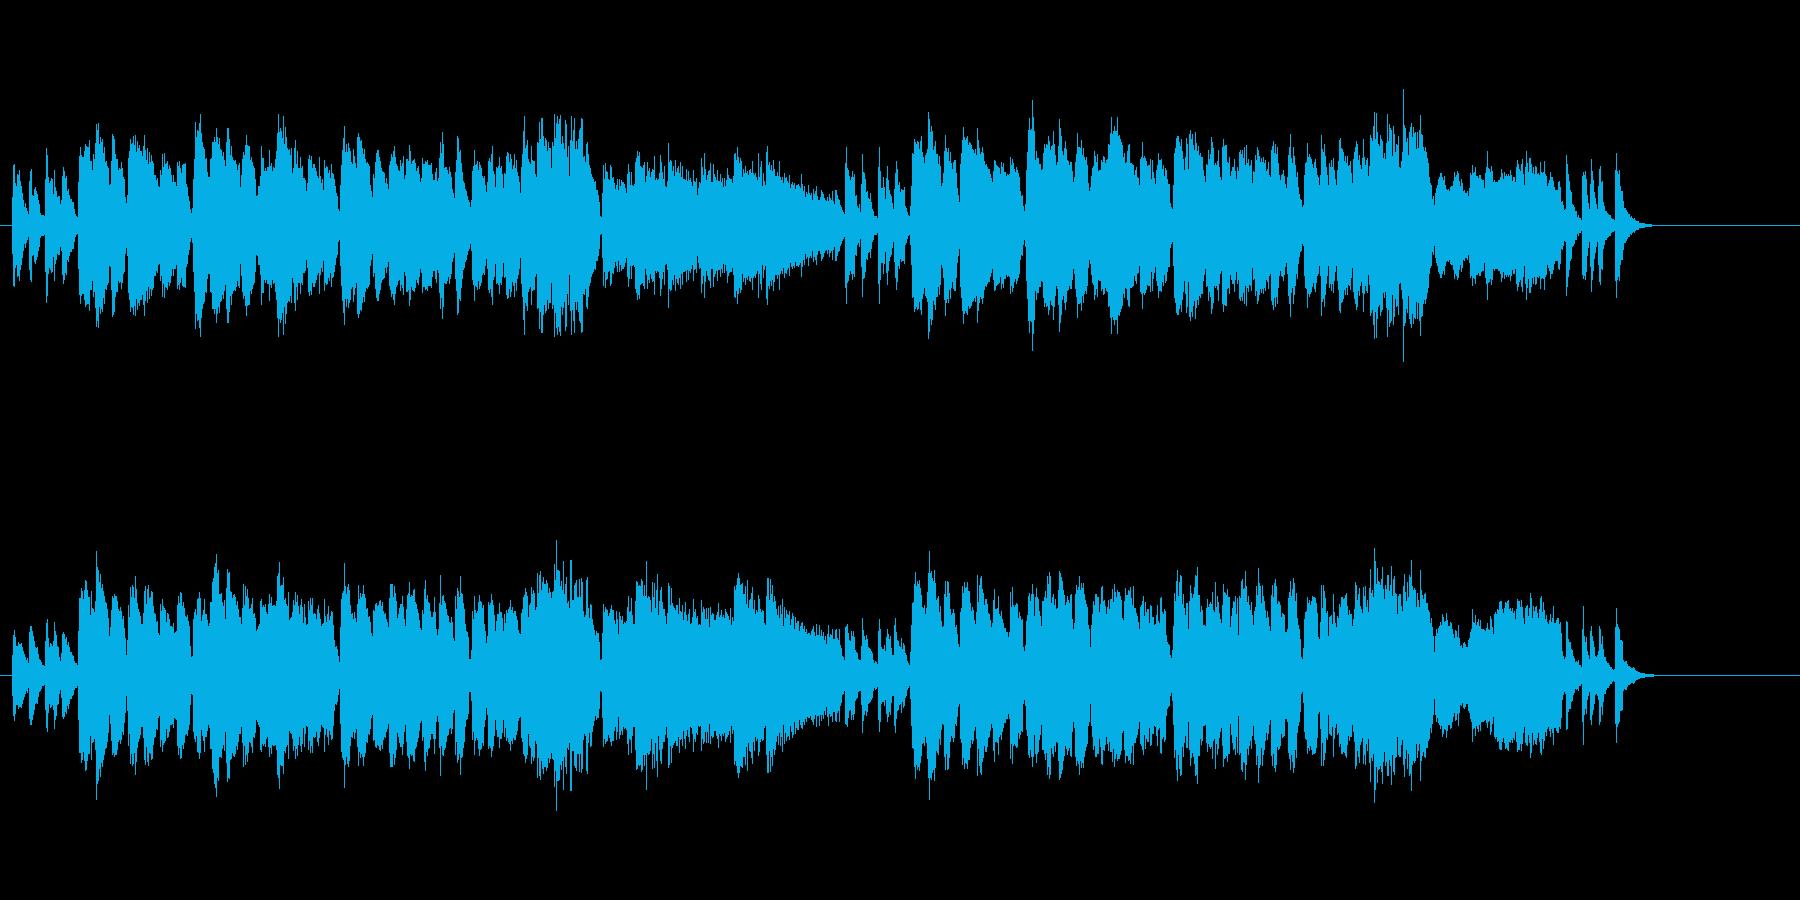 オリエンタルなポップ・ミュージックの再生済みの波形